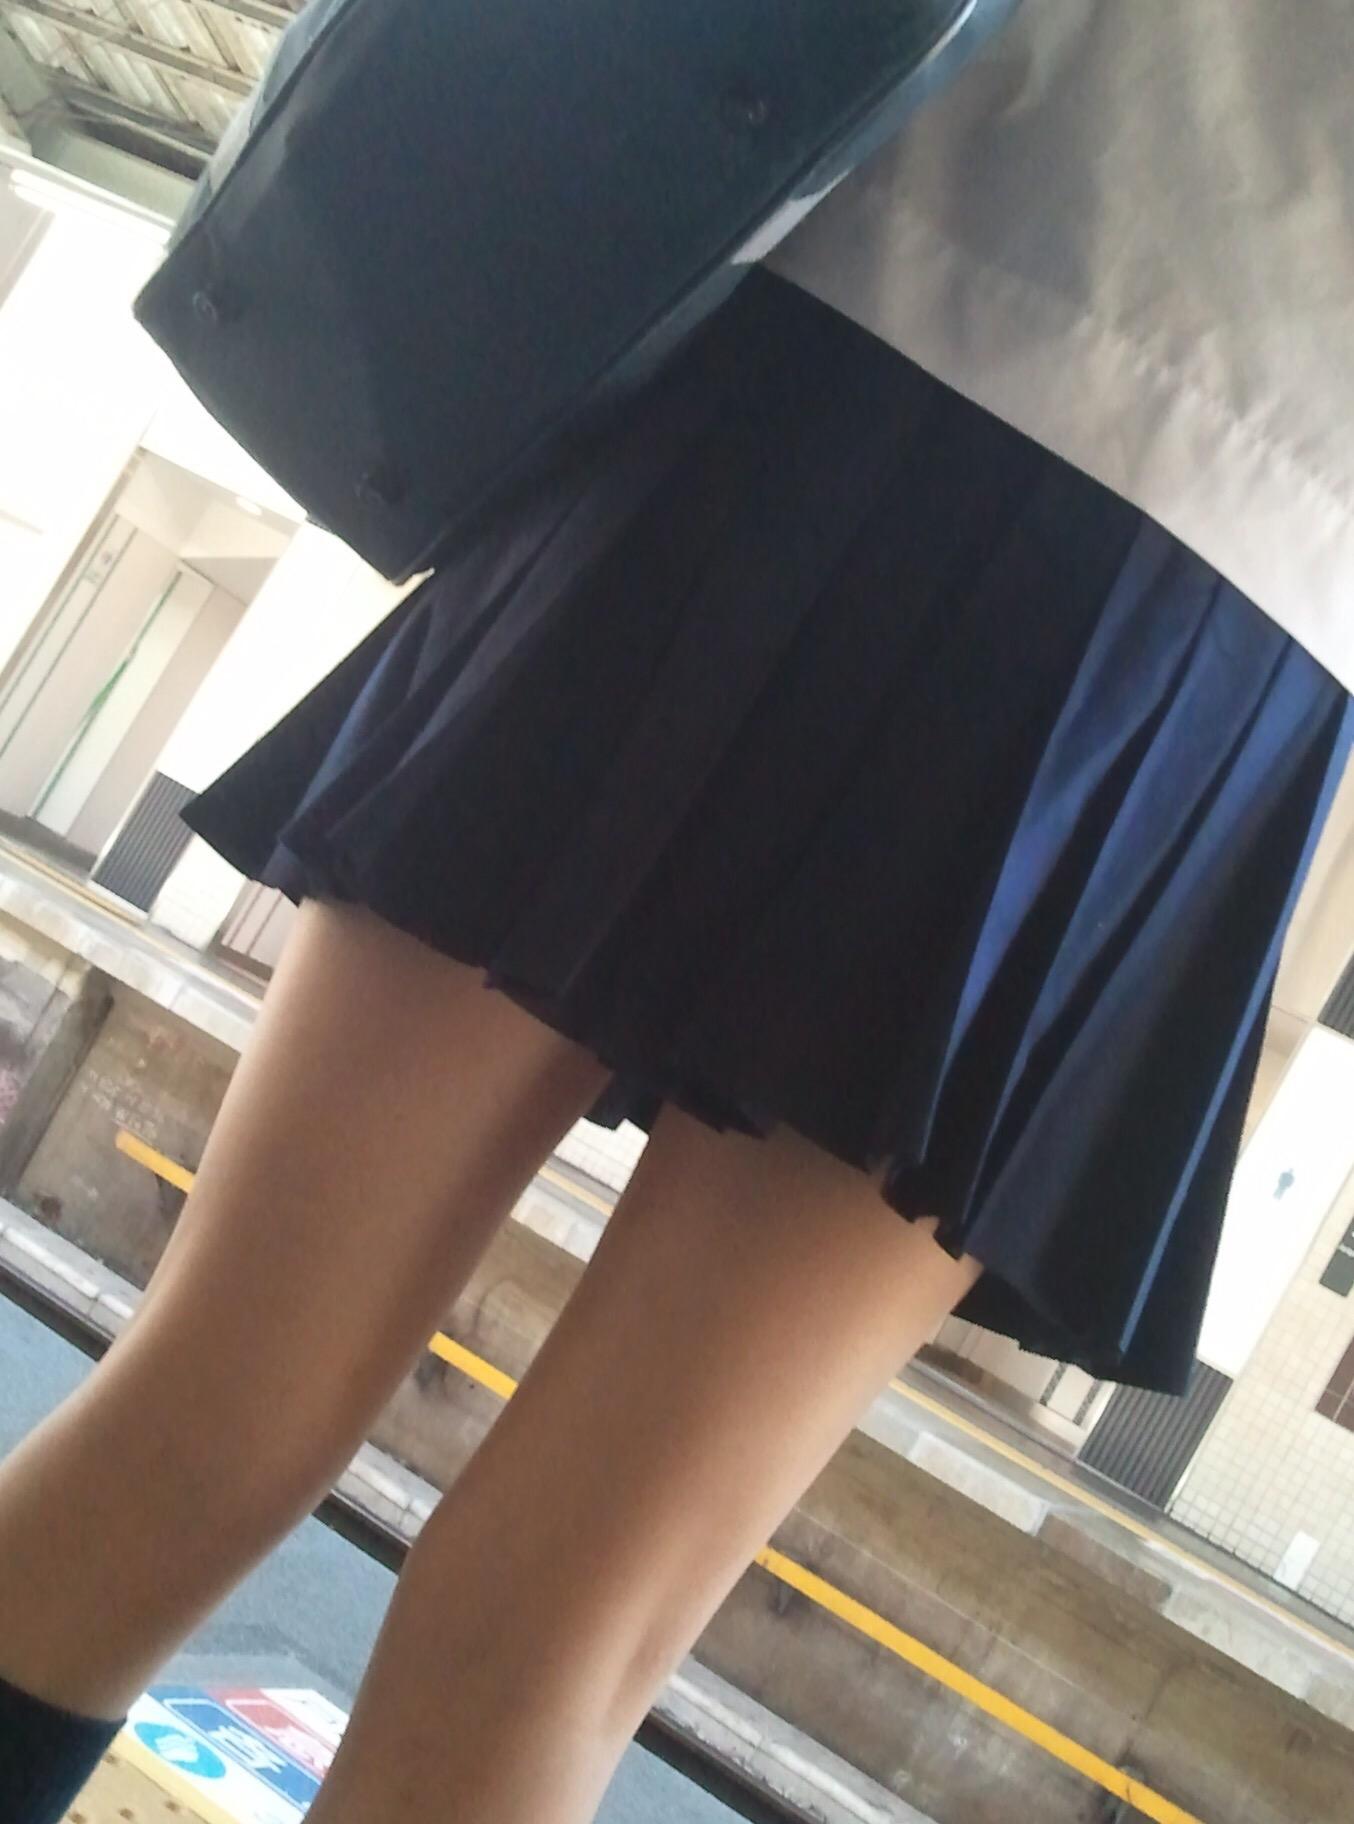 スカートが短すぎるミニスカJK画像スレwwwwwwwww anbvxe4